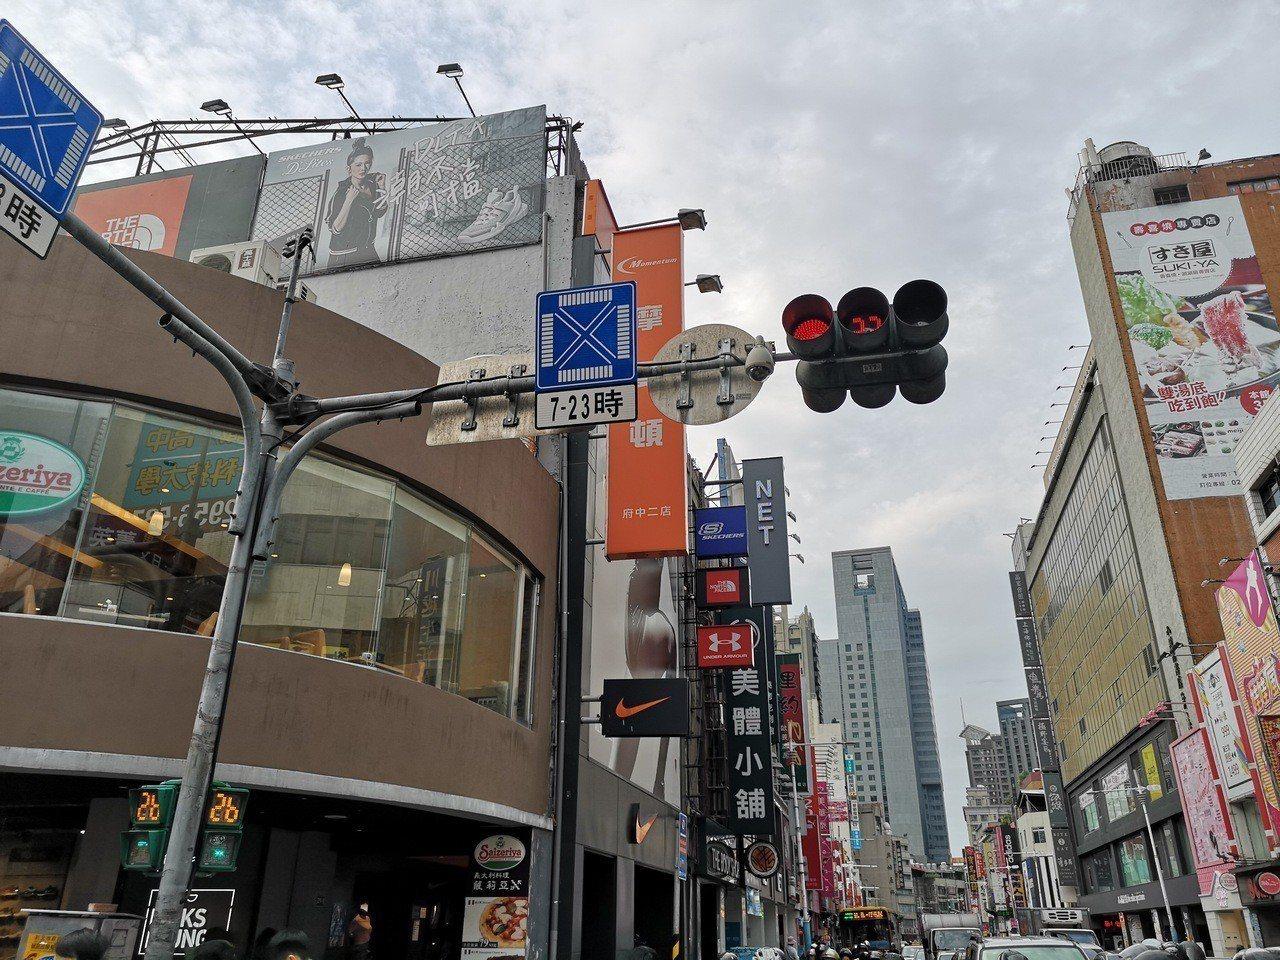 新北製作交通安全宣導影片,介紹圖像化行保輔助標誌。圖/新北市新聞局提供